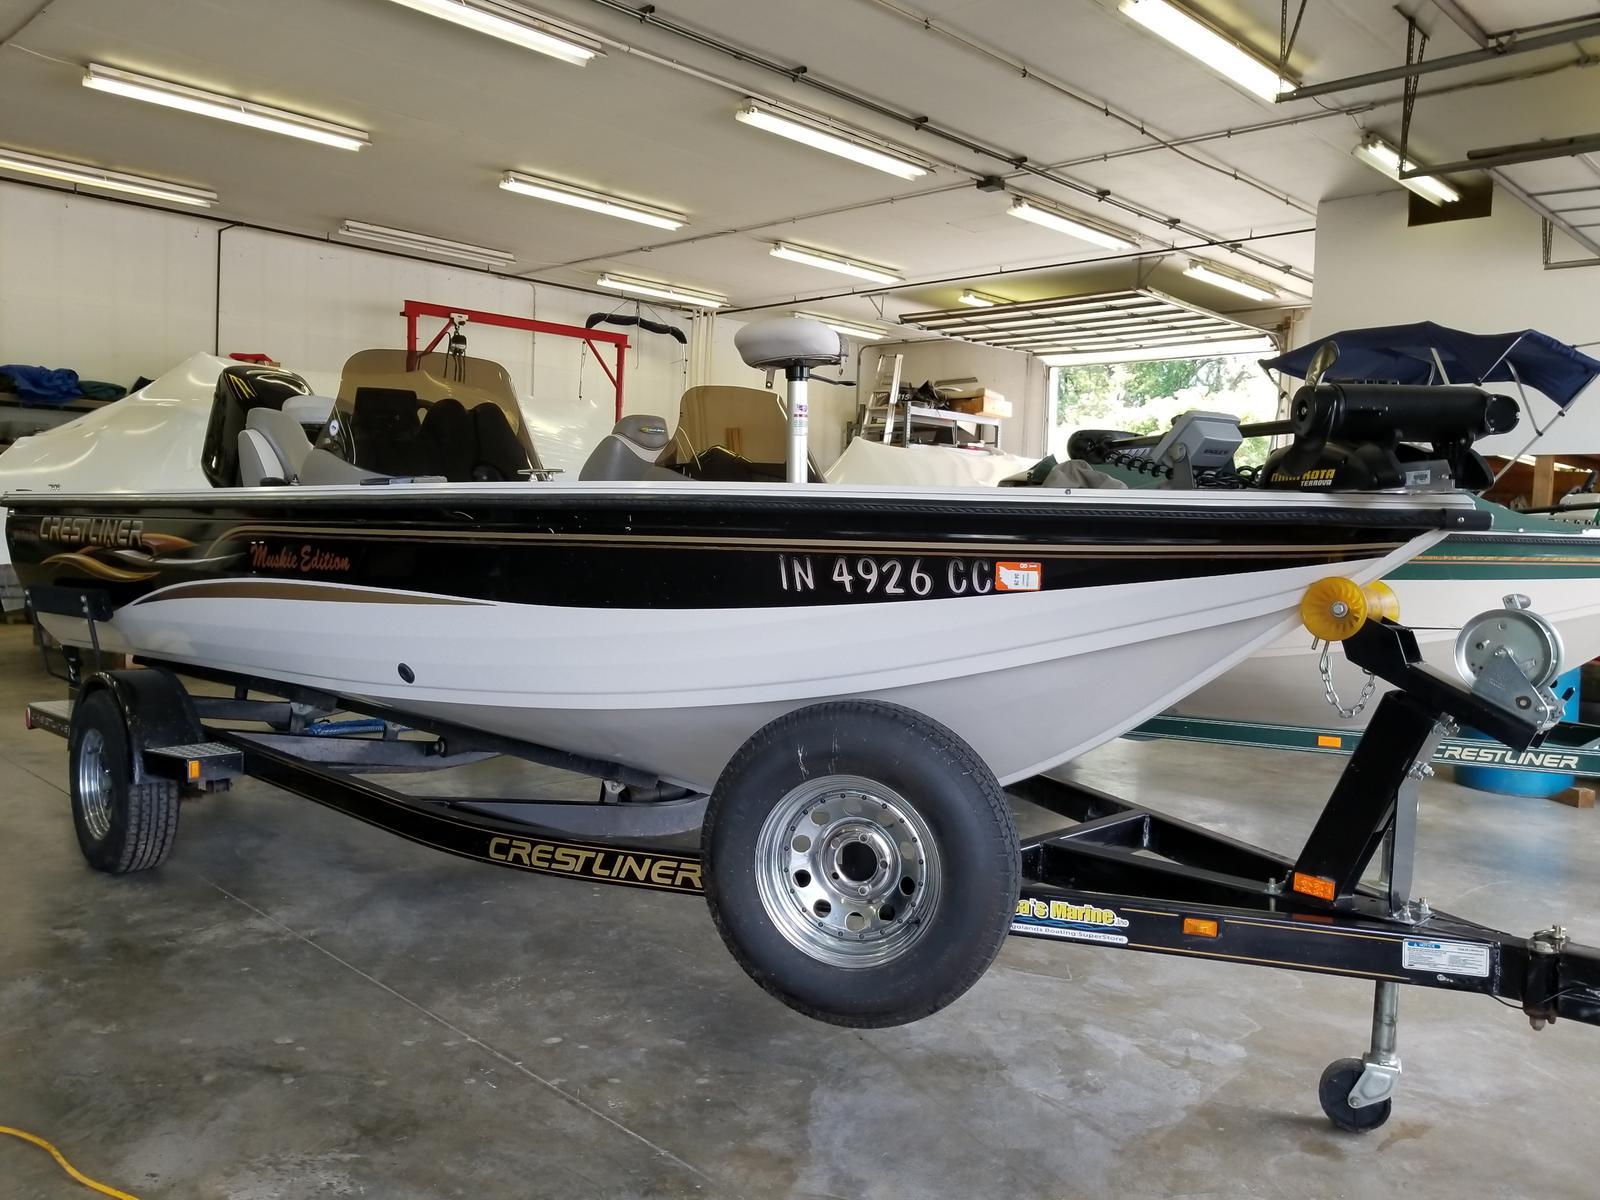 Used crestliner boats for sale page 3 of 6 for Crestliner fish hawk